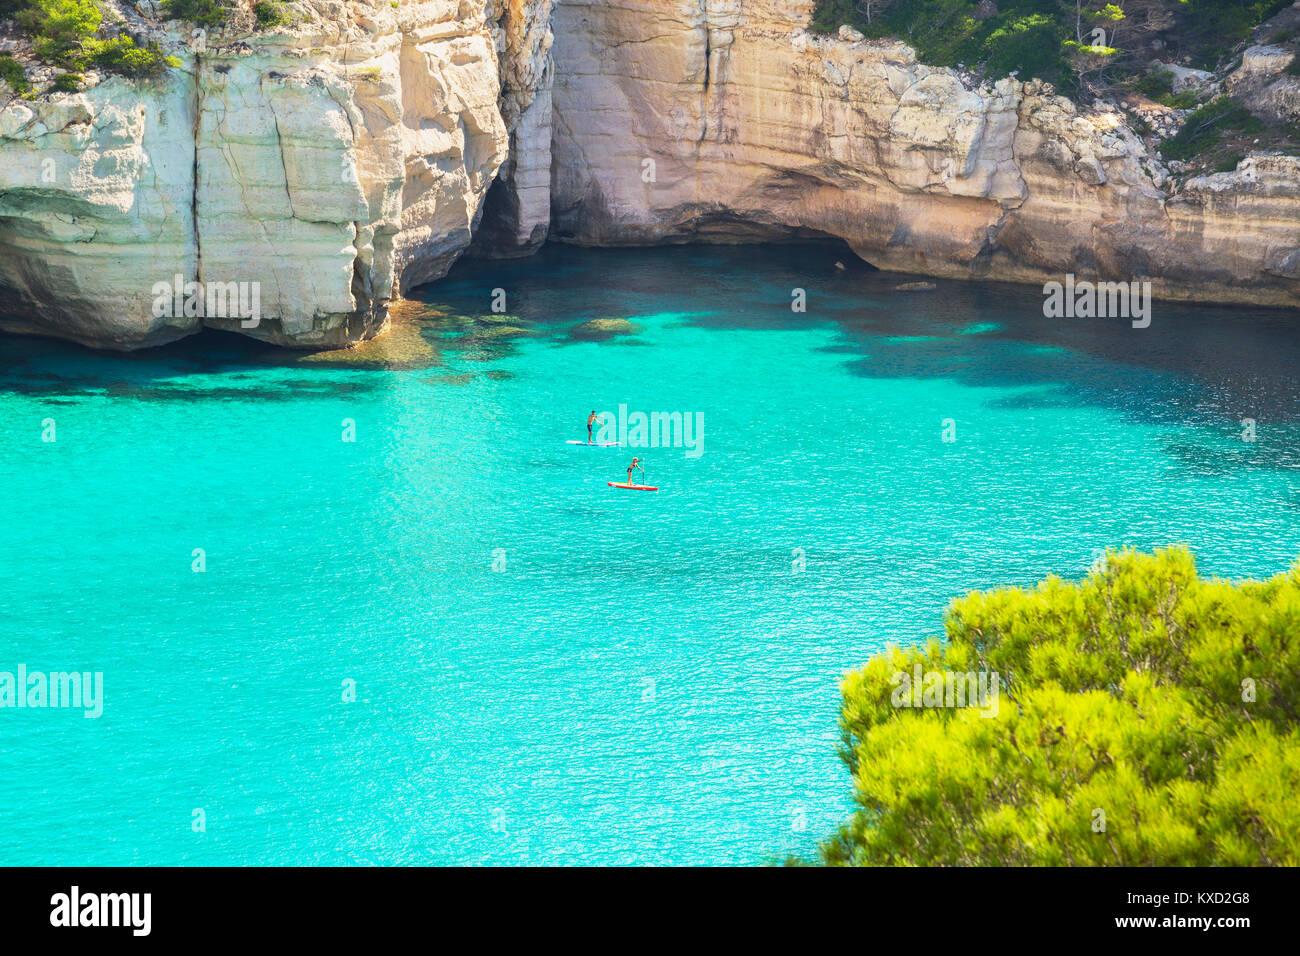 La gente paddleboarding sobre las aguas de color esmeralda de Cala Mitjana, Menorca, Islas Baleares, España Imagen De Stock